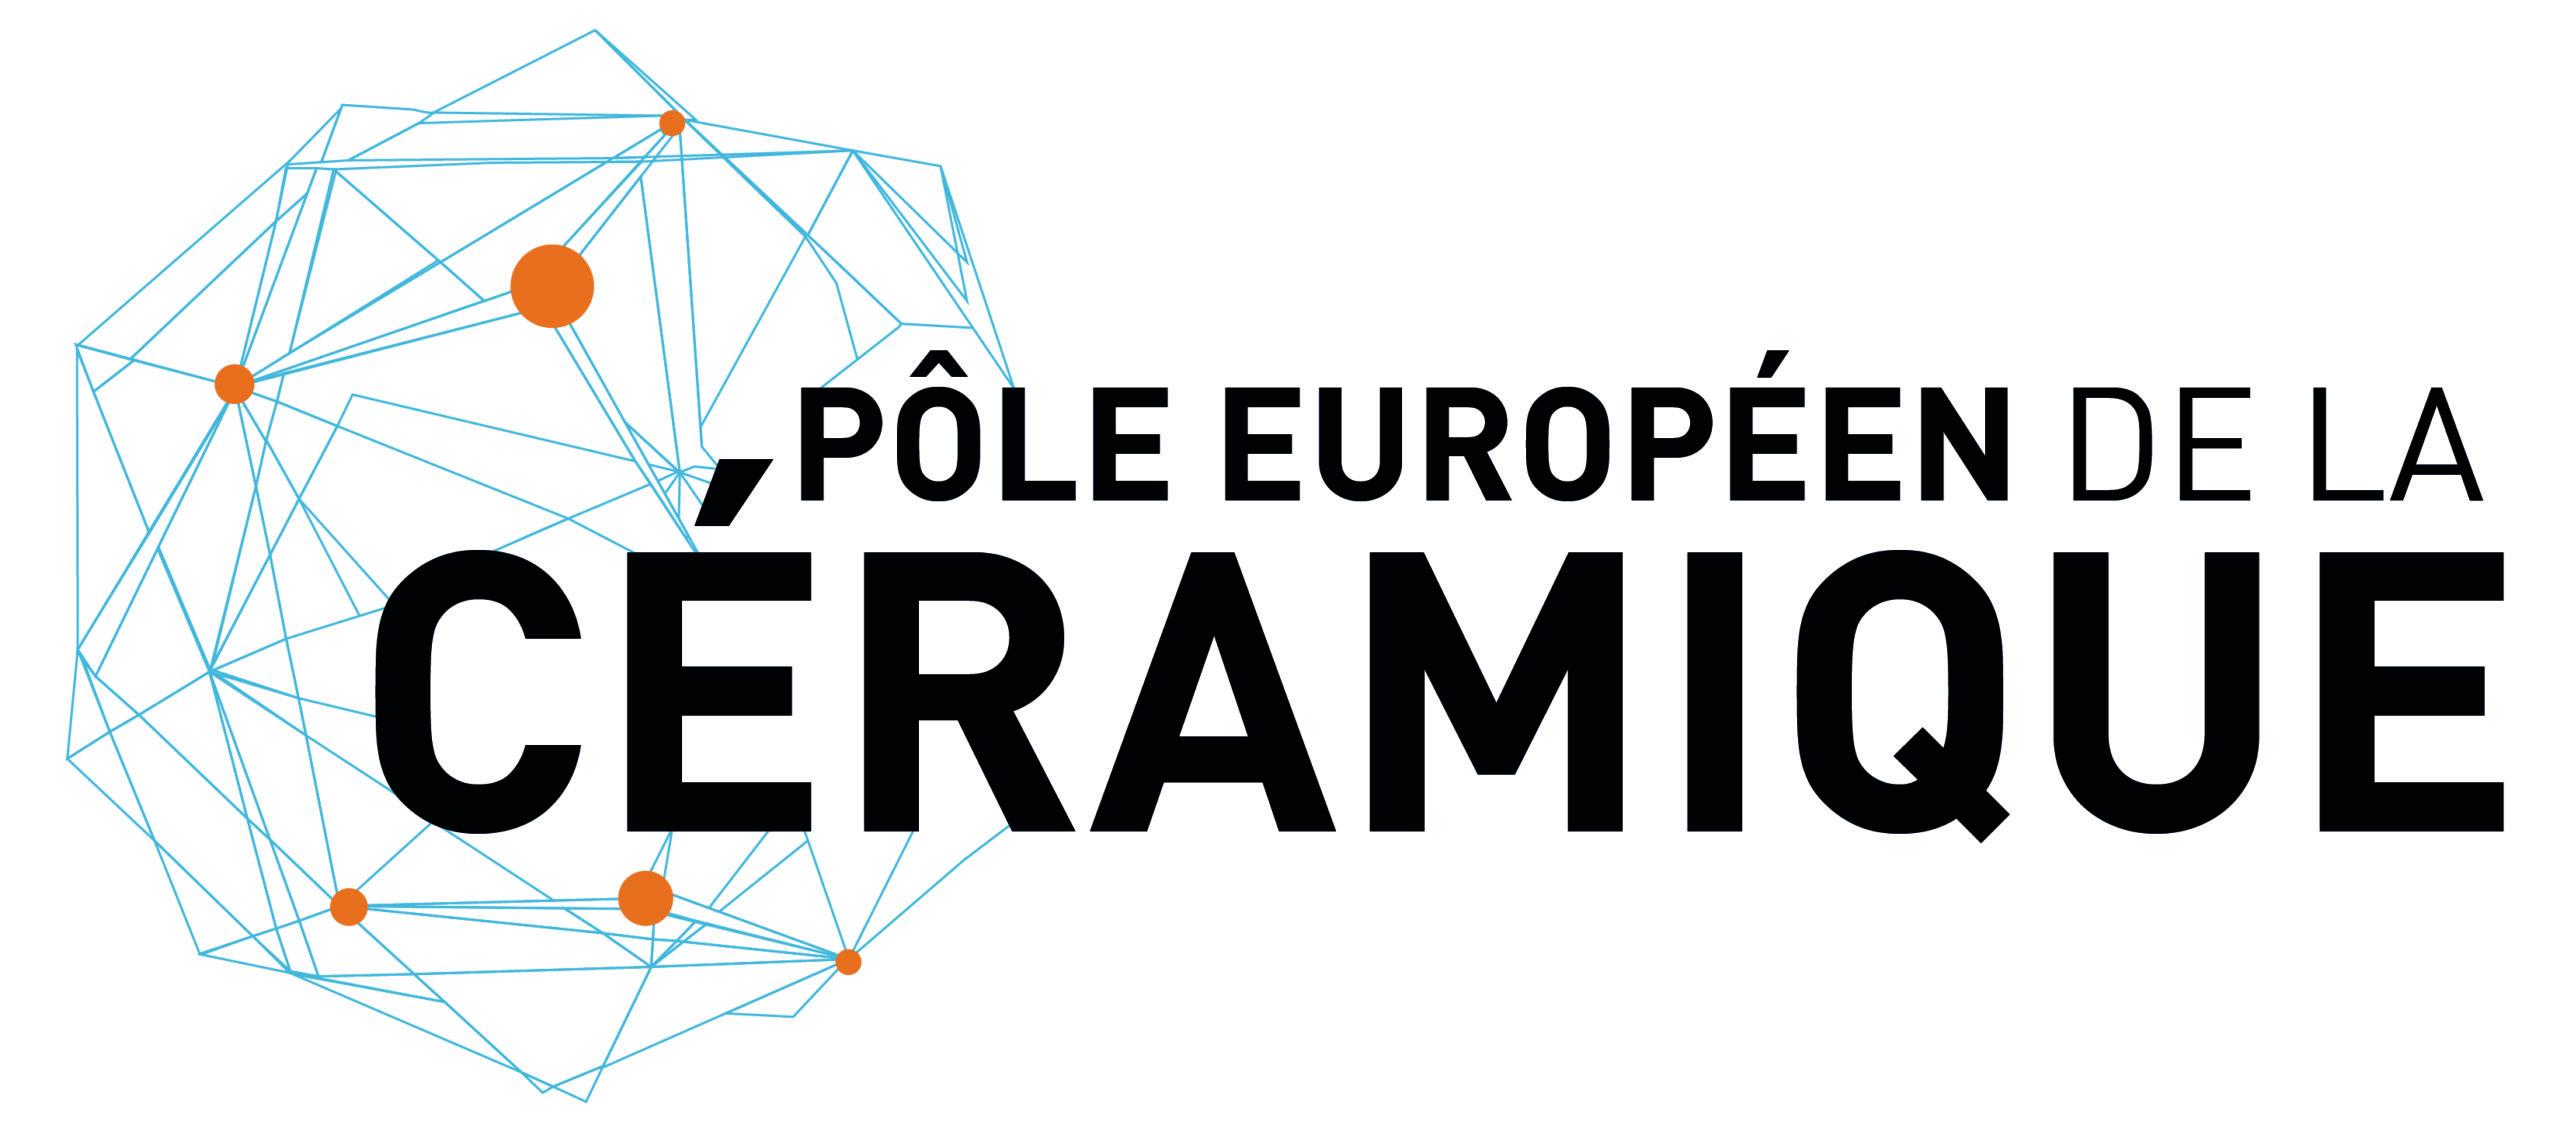 PÔLE EUROPEEN DE LA CERAMIQUE